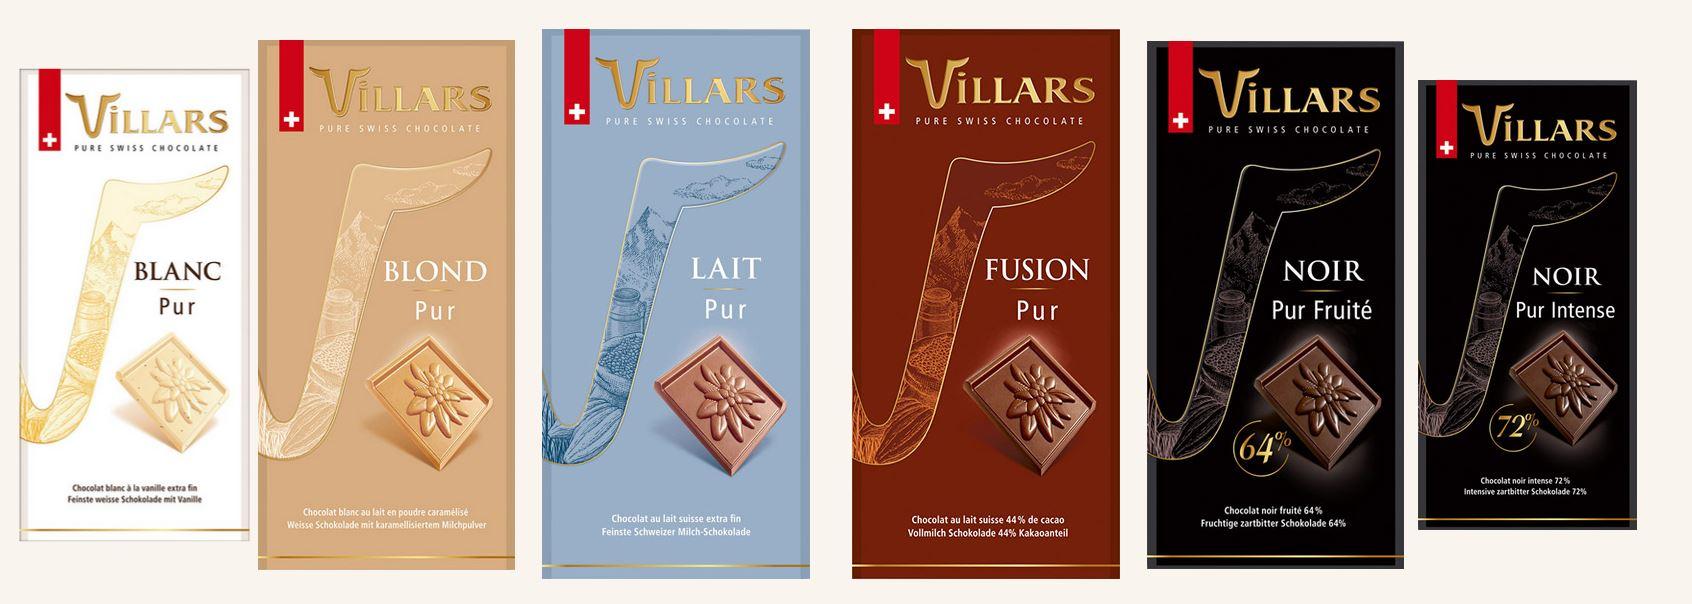 chocolat-villars-HelvetiBox-tablettes